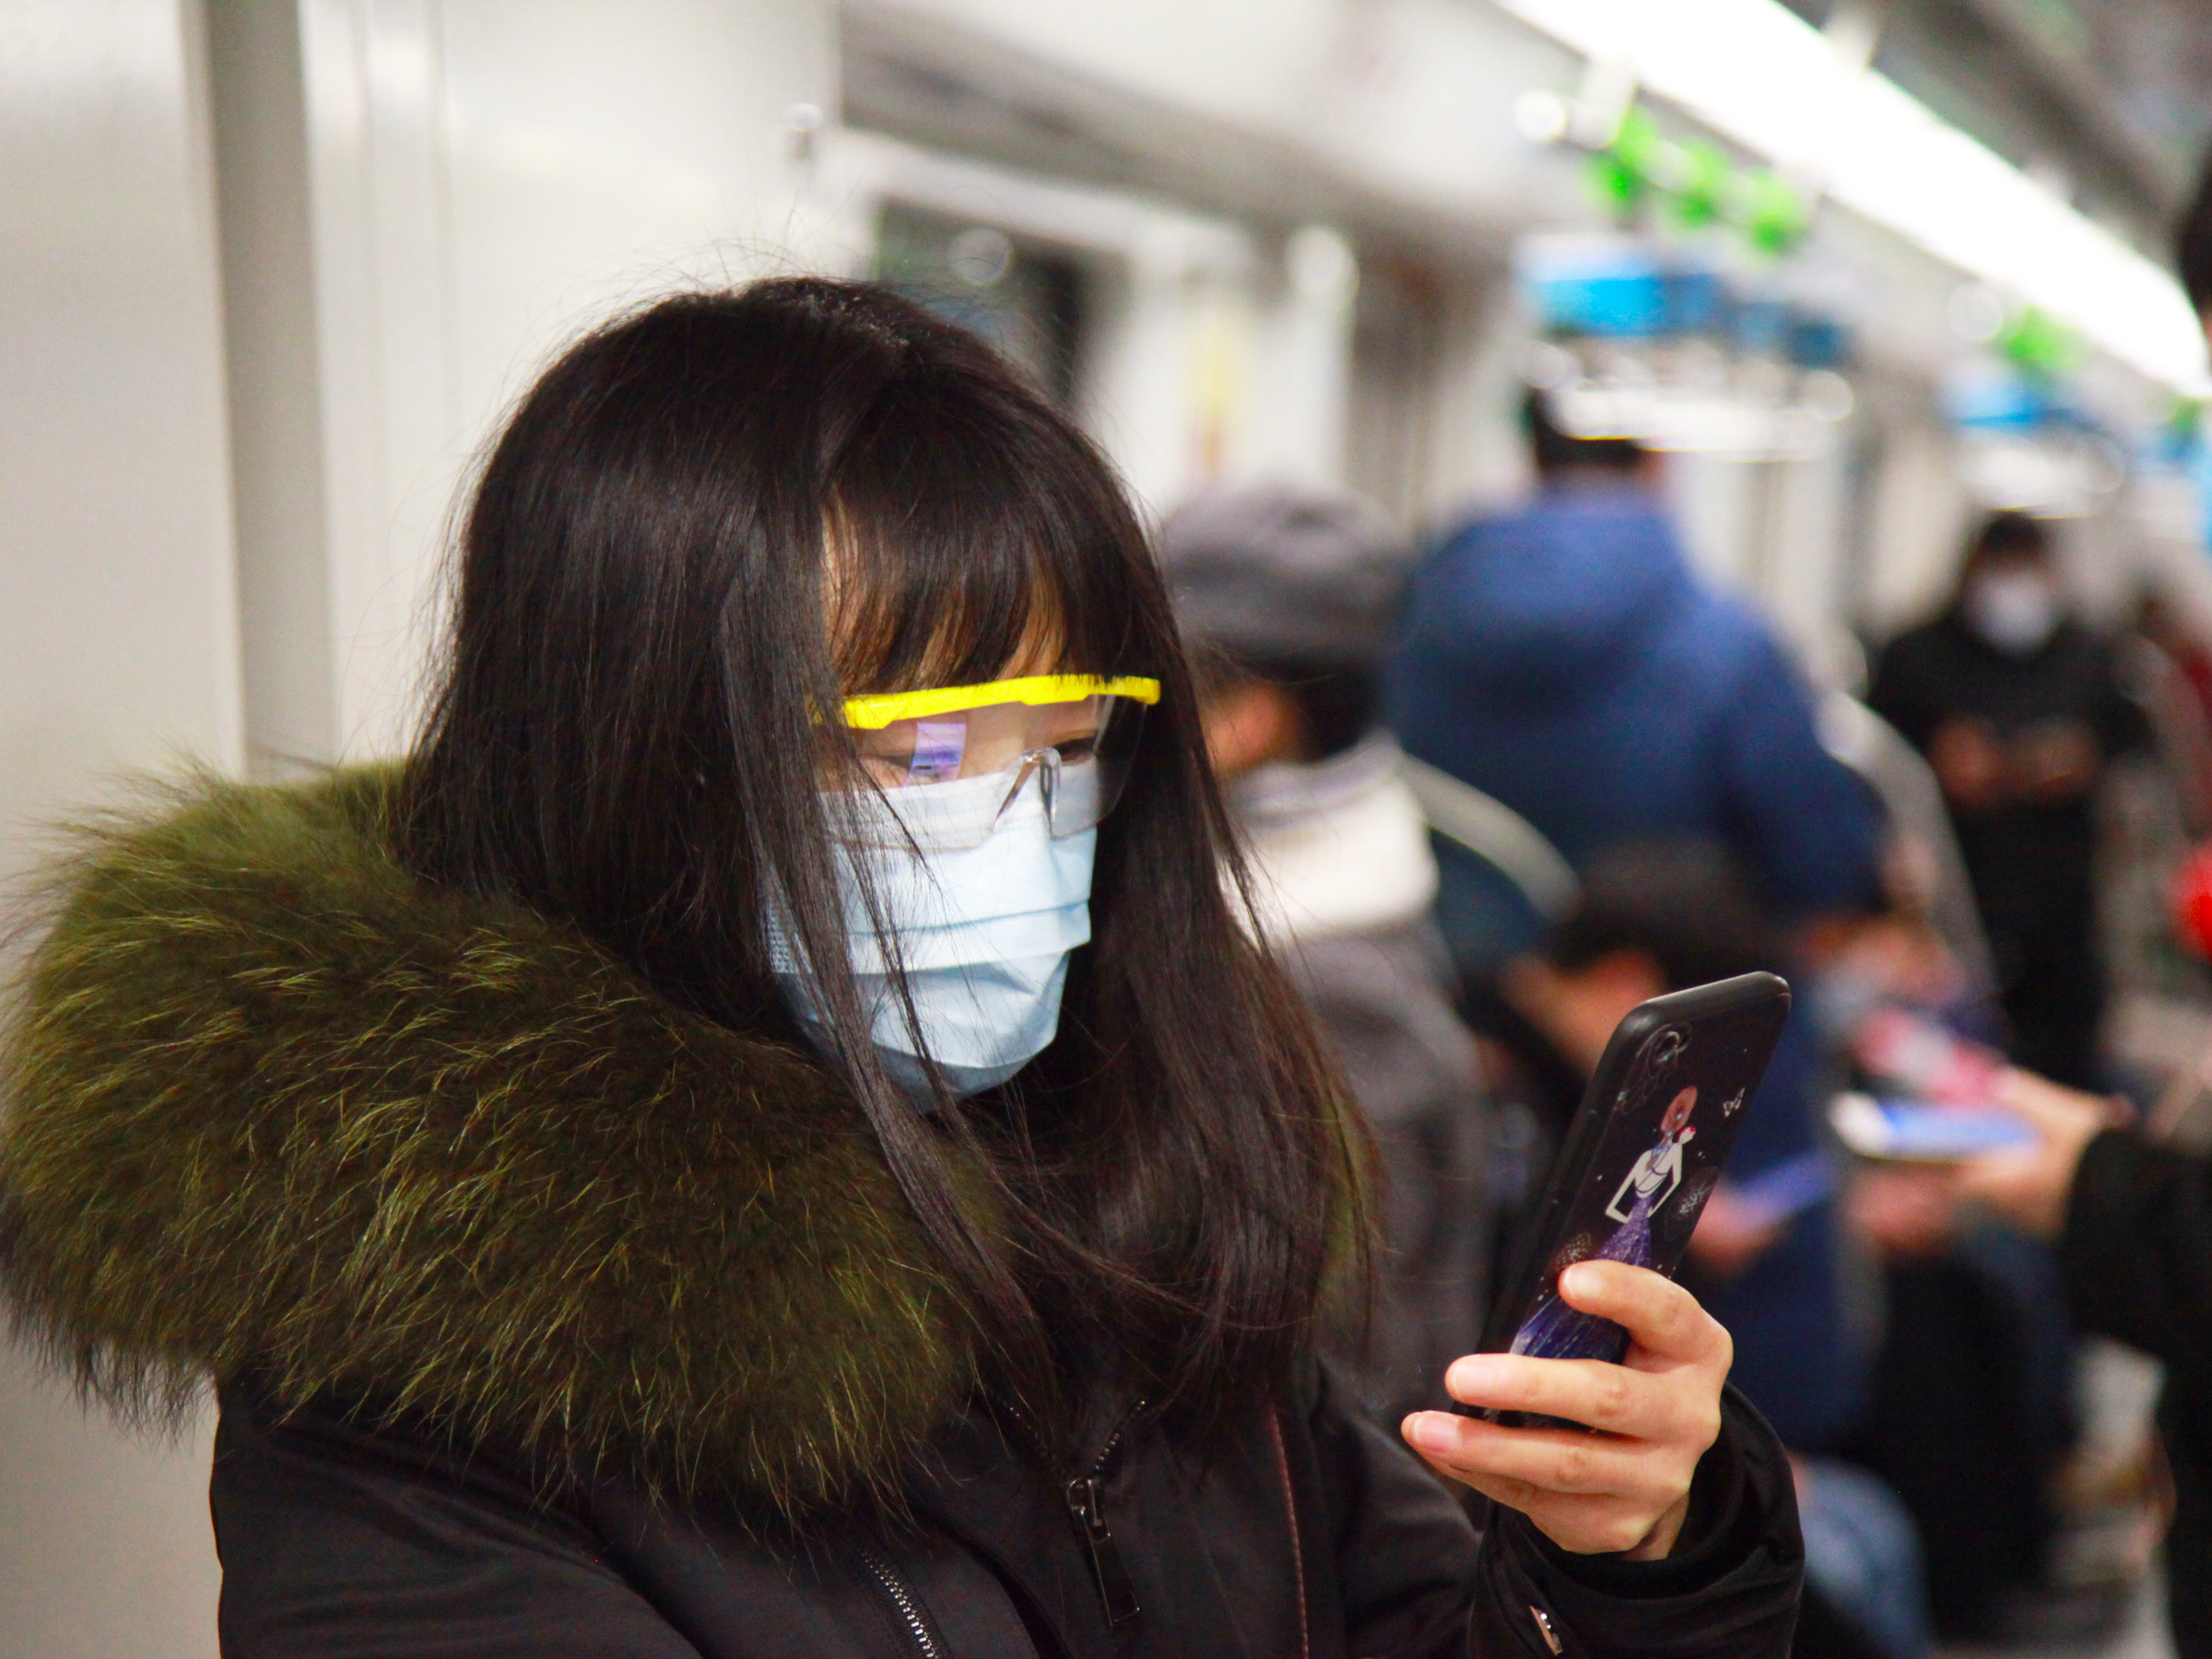 woman coronavirus phone mask train code